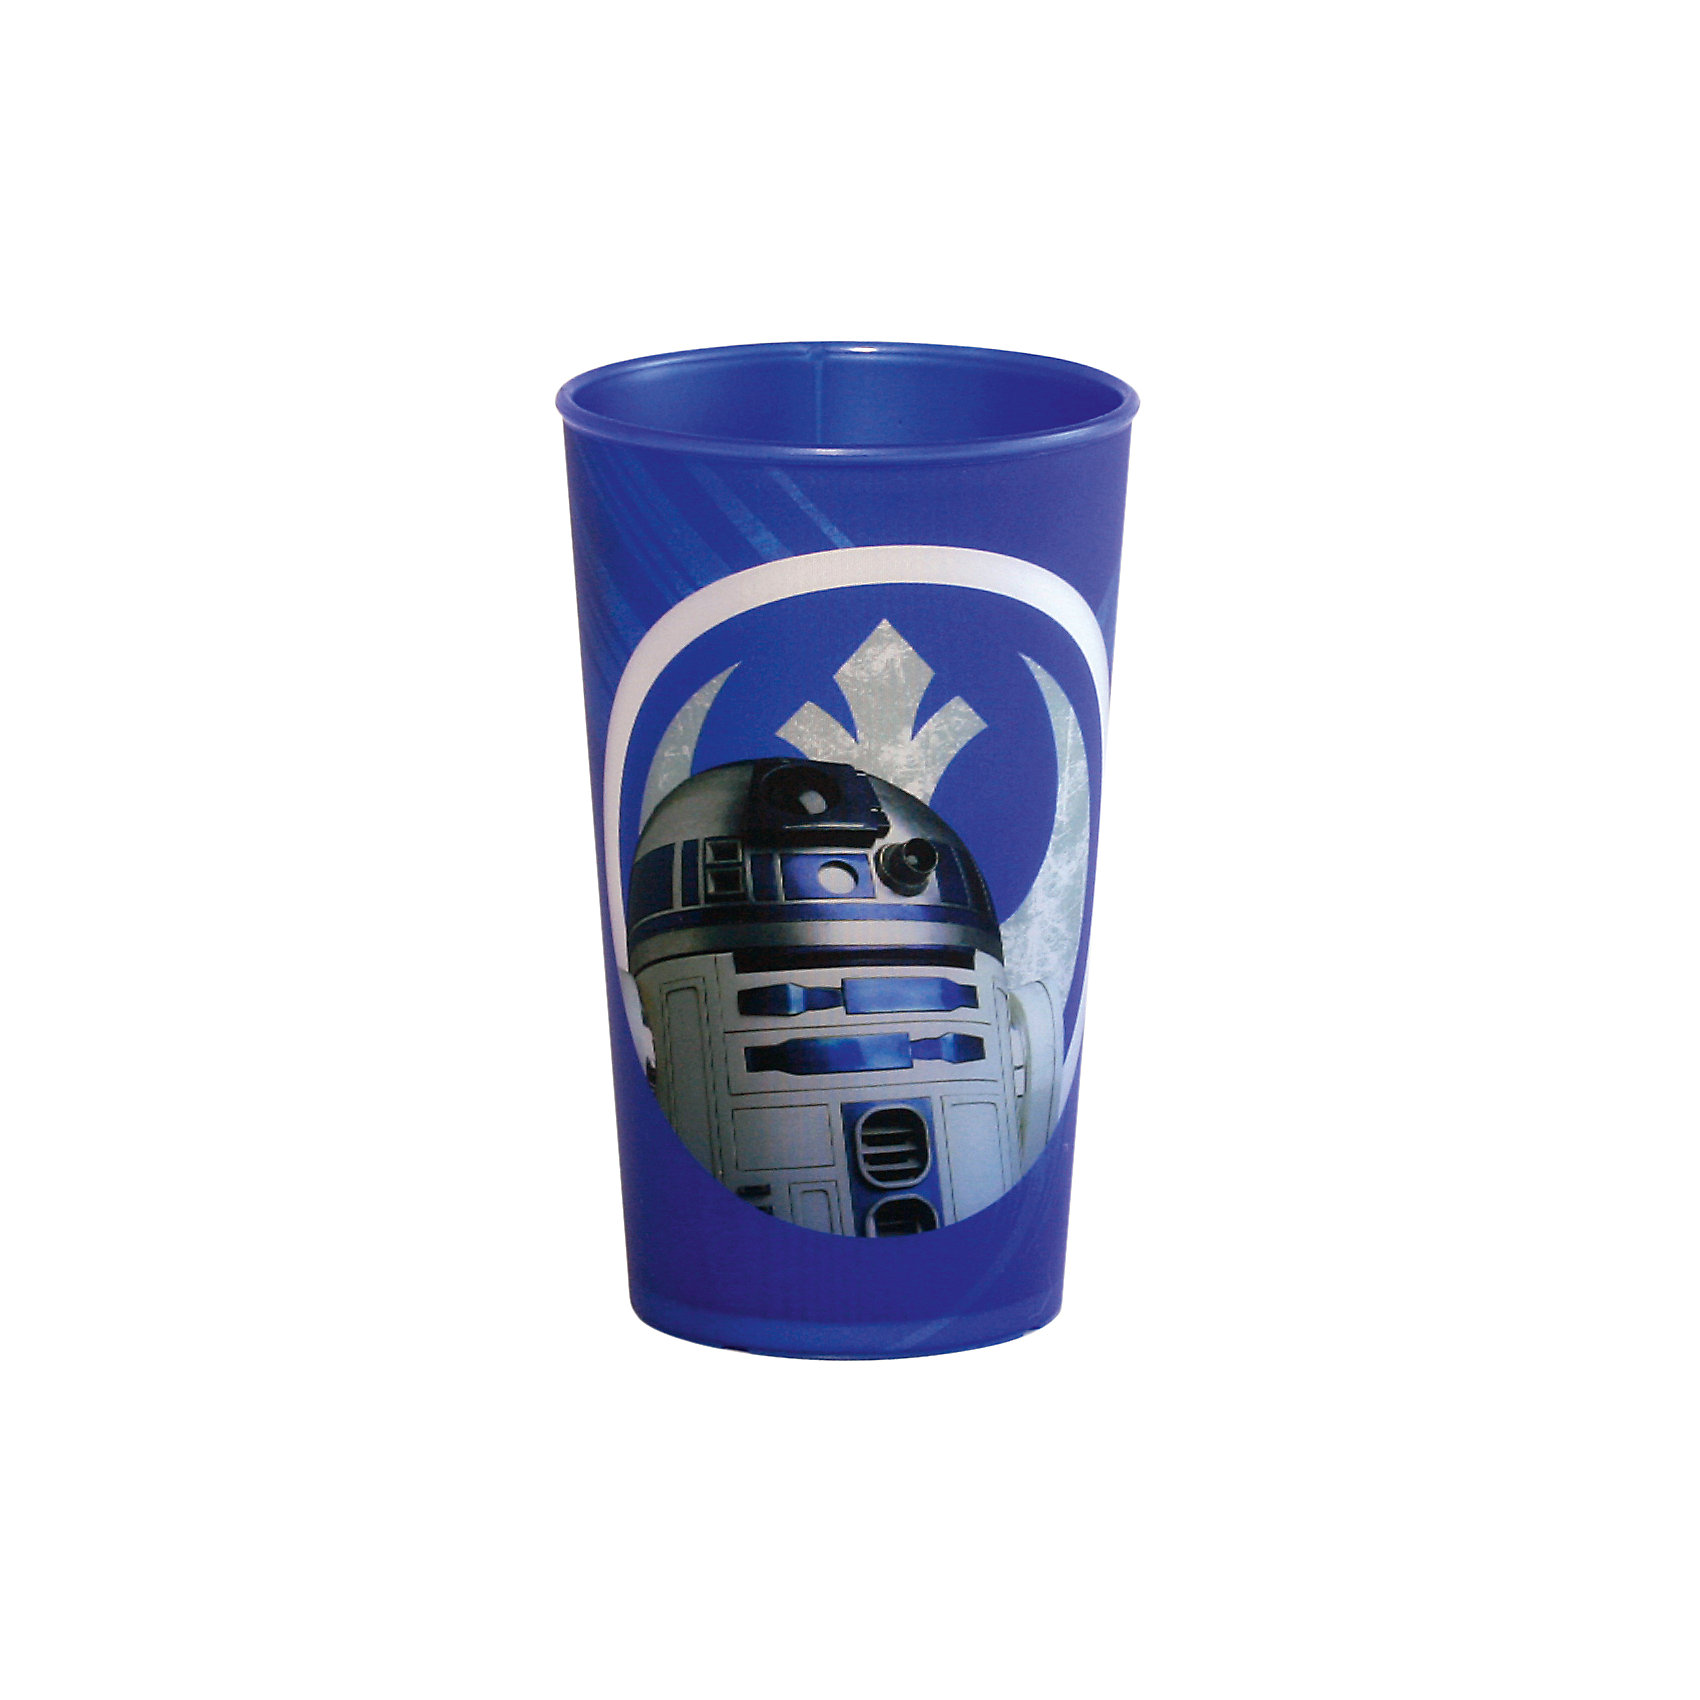 Синий стакан Звездные войны 260 млСиний стакан Звездные войны 260 мл – это отличный подарок для фаната вселенной Star Wars.<br>Стакан Звездные войны изготовлен из полипропилена и оформлен рисунком с изображением дроида R2D2. Специальное покрытие с отливом делает изображение на стакане более объемным. Не подходит для использования в посудомоечной машине и СВЧ-печи.<br><br>Дополнительная информация:<br><br>- Объем: 260 мл.<br>- Высота: 9,5 см.<br>- Цвет: синий<br>- Материал: полипропилен<br>- Размер упаковки: 7 х 7 х 11 см.<br>- Вес: 30 гр.<br><br>Синий стакан Звездные войны 260 мл можно купить в нашем интернет-магазине.<br><br>Ширина мм: 70<br>Глубина мм: 70<br>Высота мм: 110<br>Вес г: 30<br>Возраст от месяцев: 36<br>Возраст до месяцев: 144<br>Пол: Унисекс<br>Возраст: Детский<br>SKU: 4536245